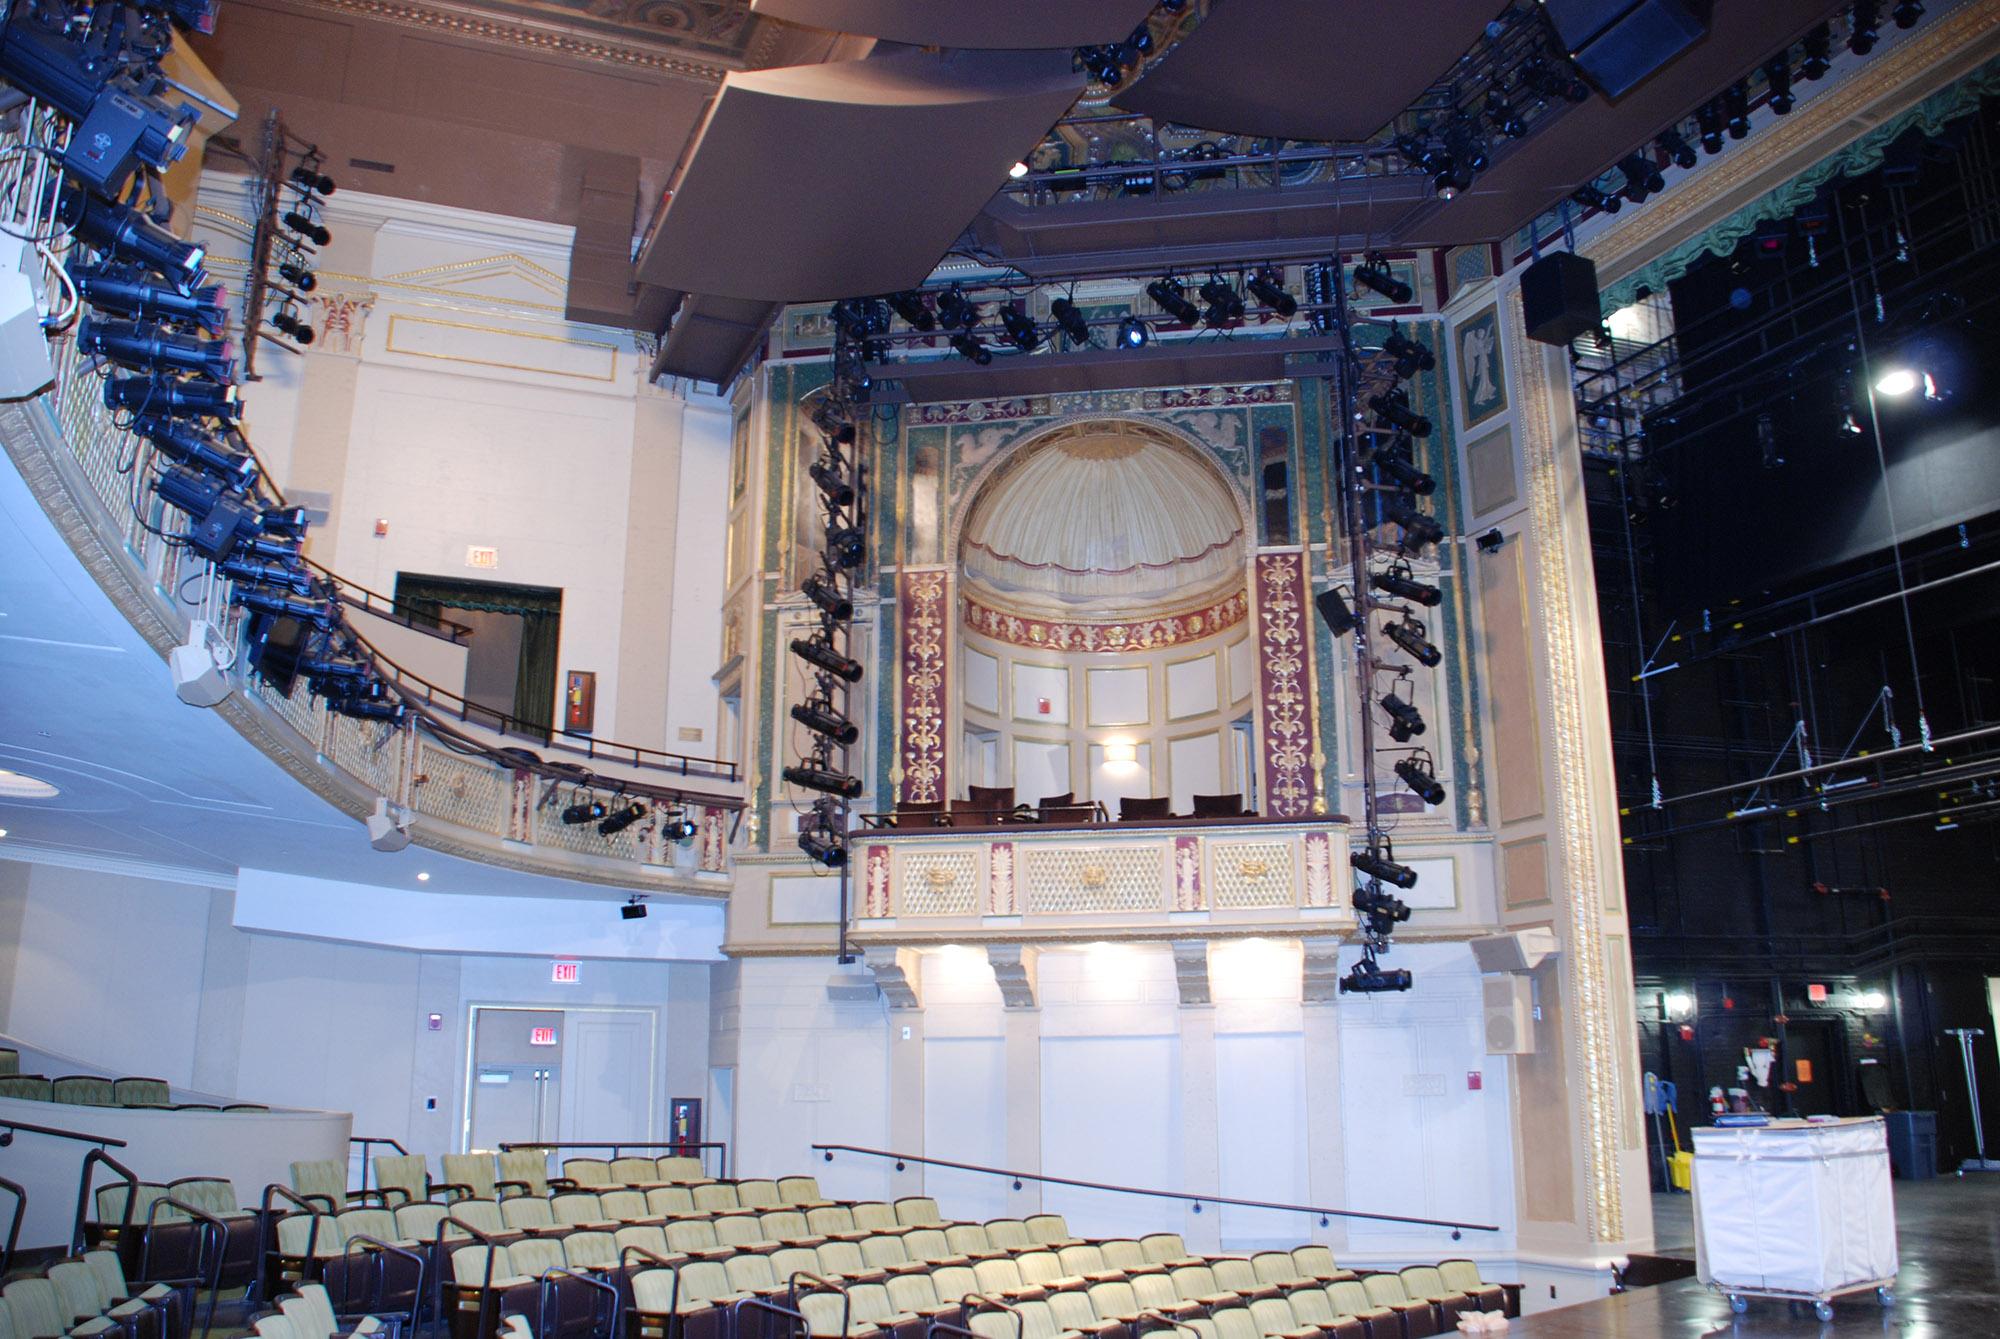 Hanna-Theatre-23-web